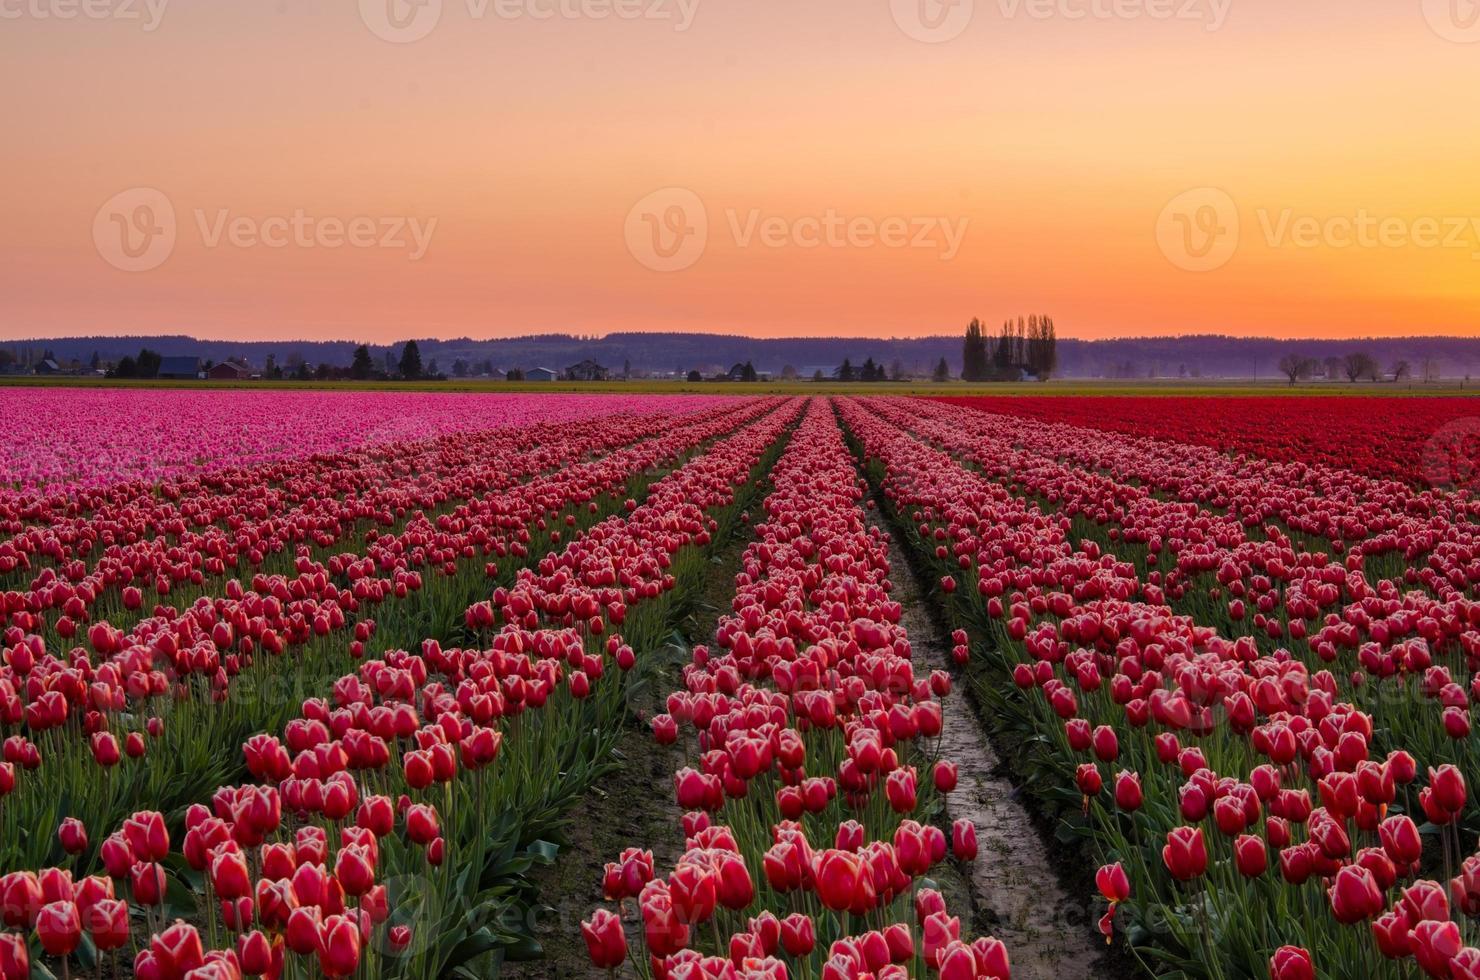 tramonto nei campi di tulipani skagit valley foto